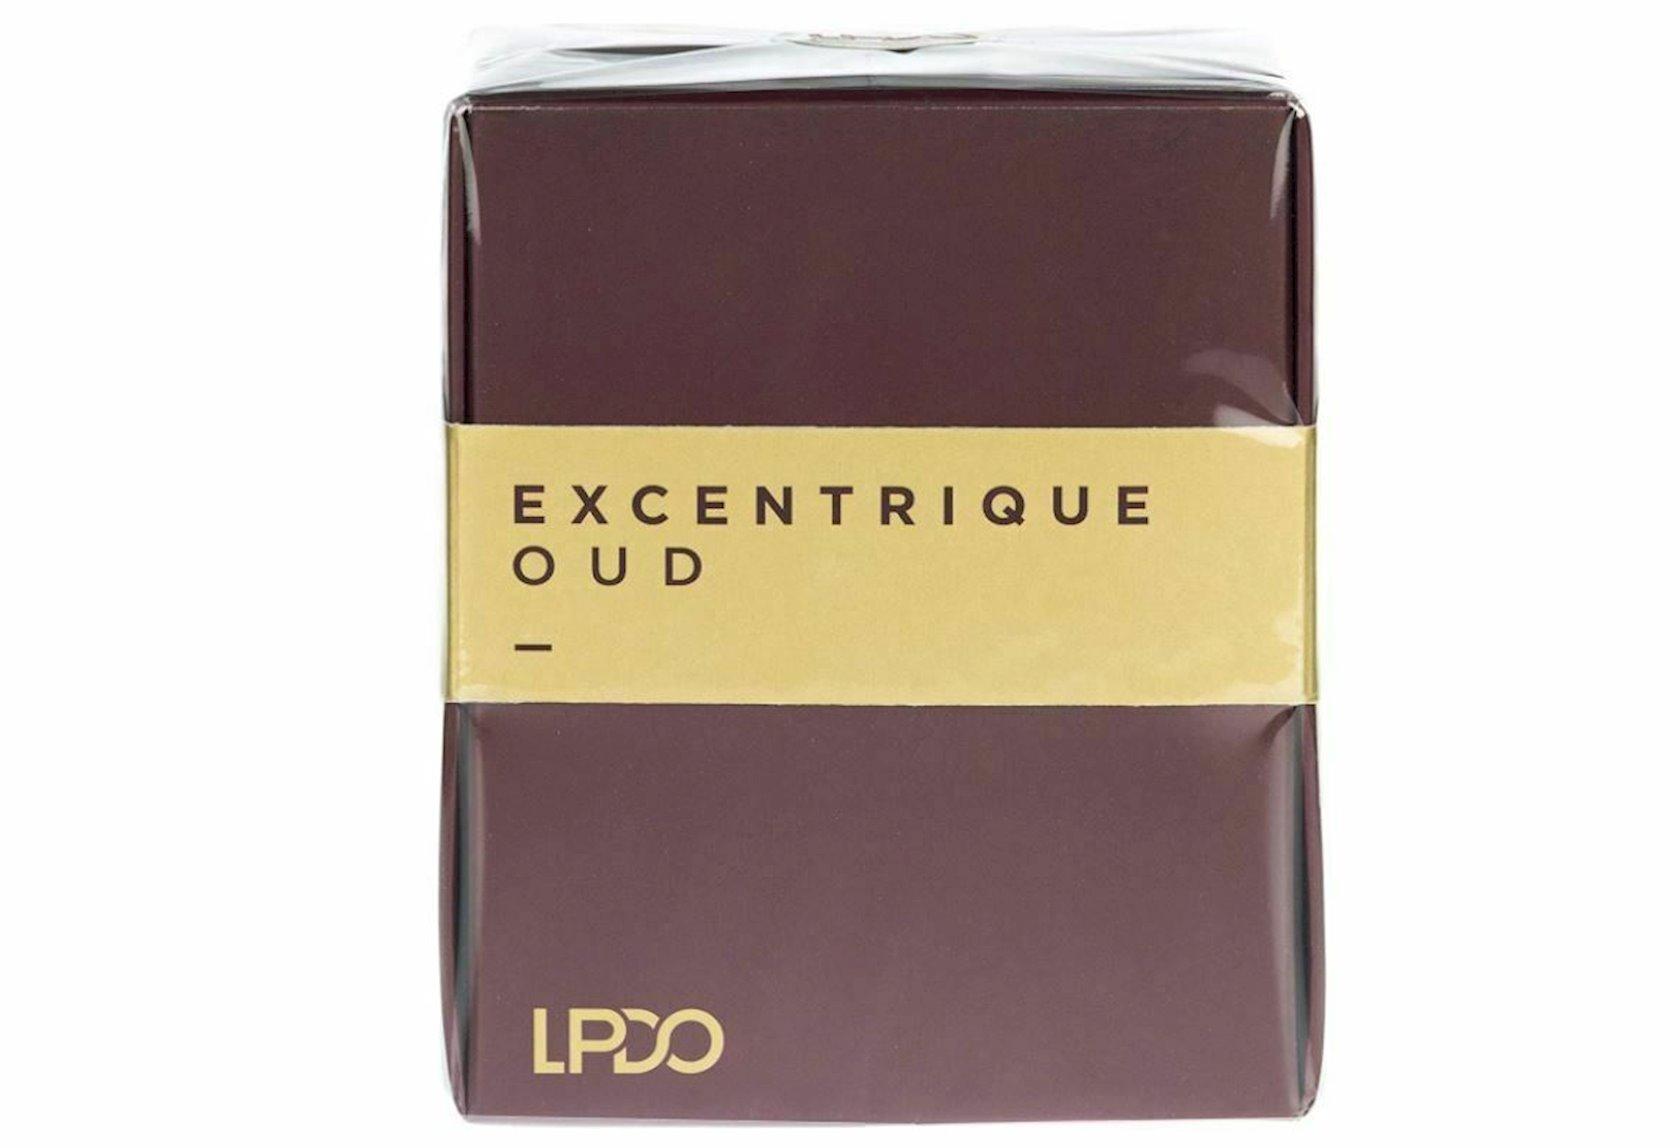 Uniseks ətir suyu LPDO Excentrique Oud 100ml